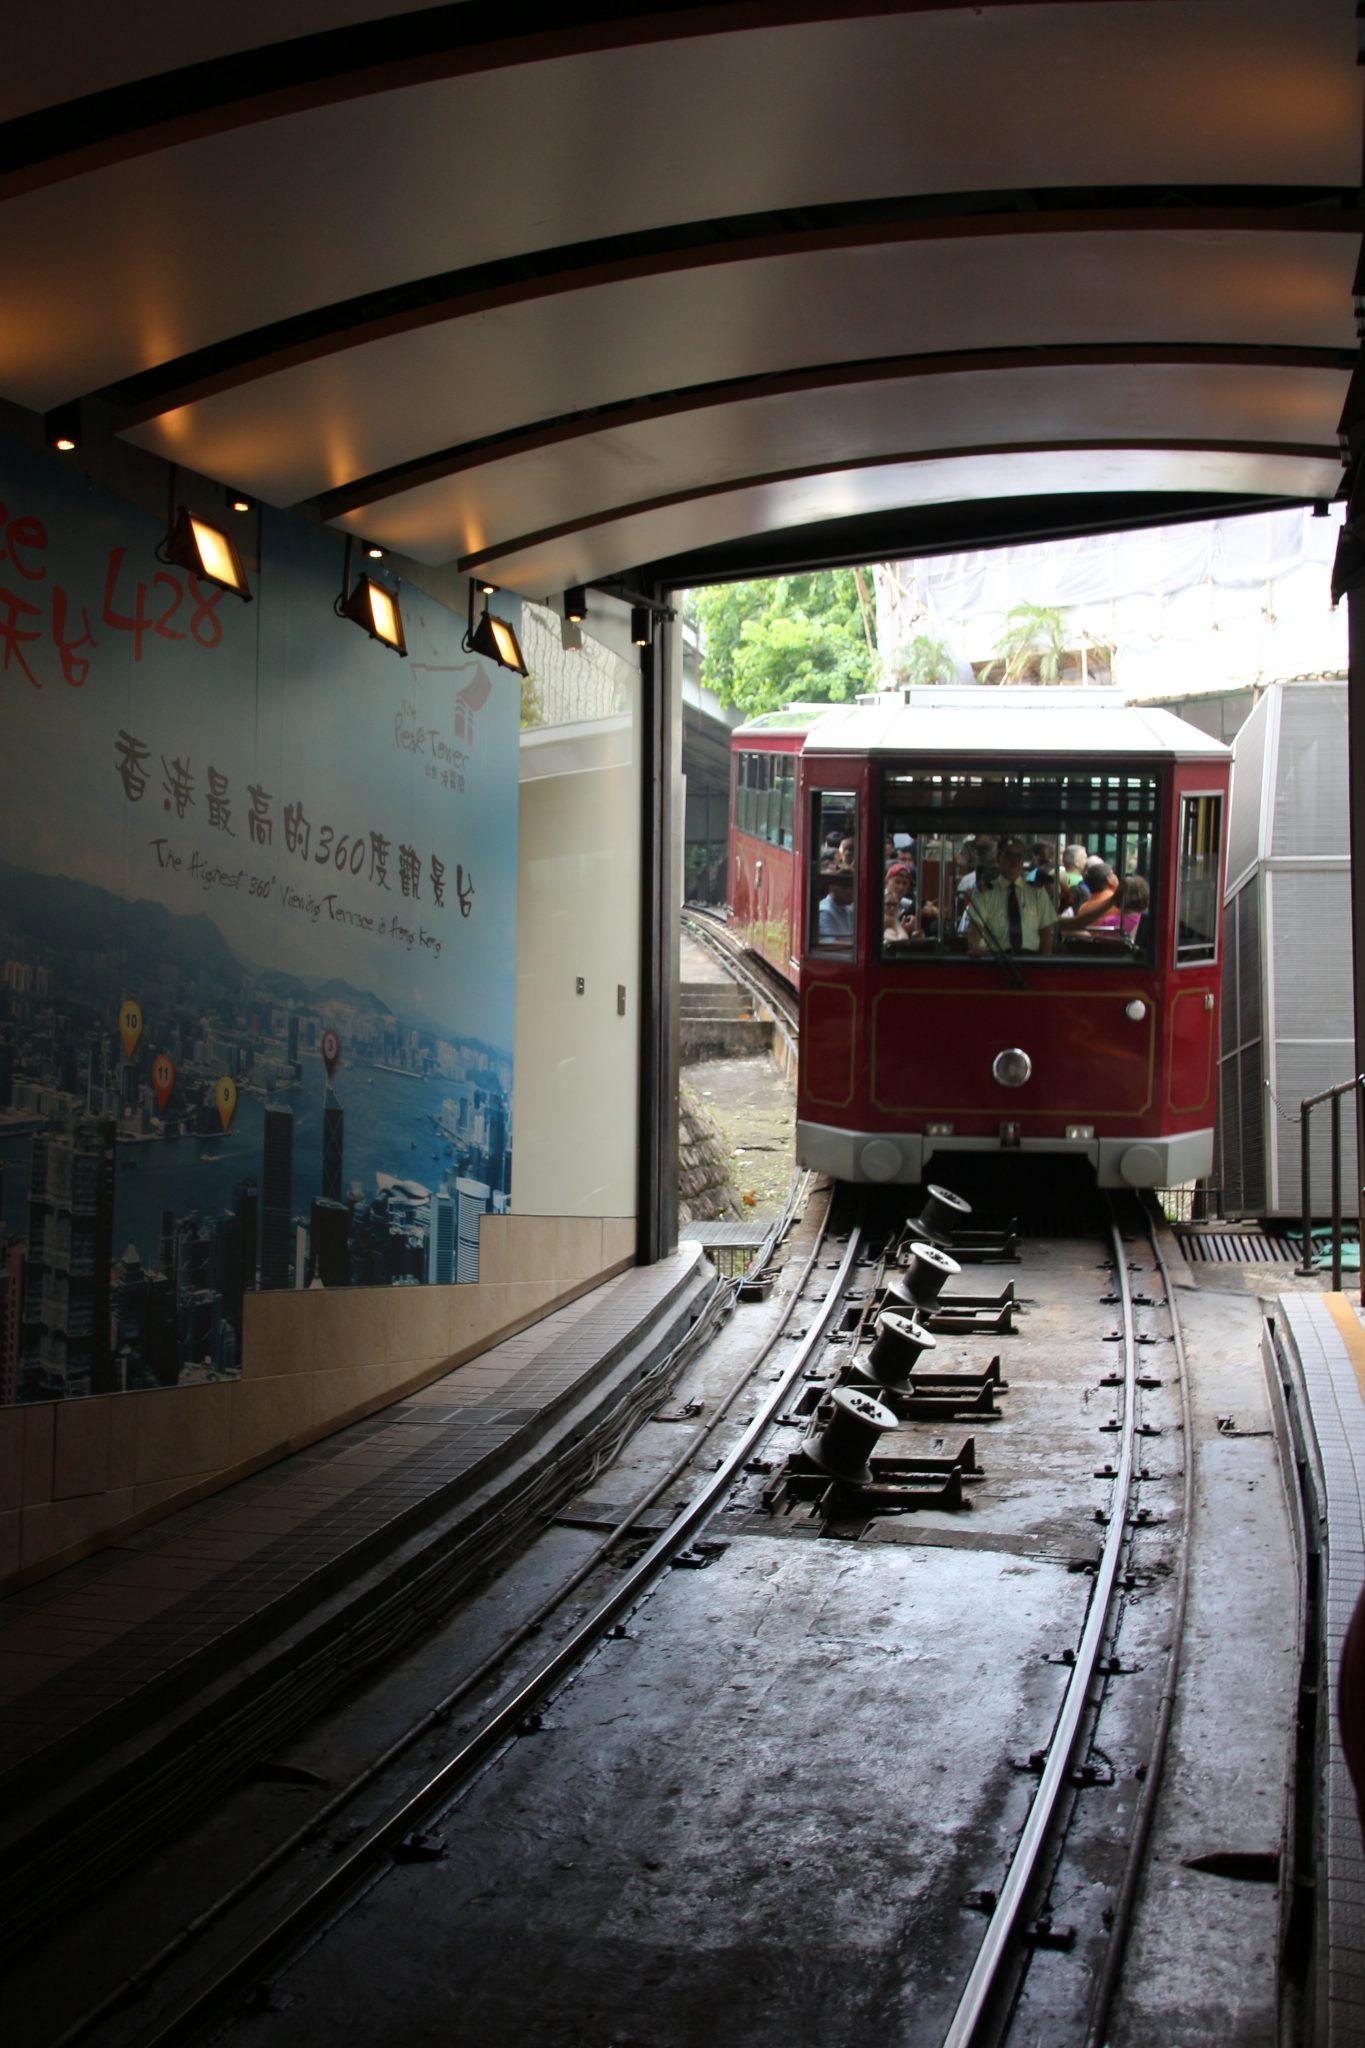 Tram at Victoria Peak, Hong Kong